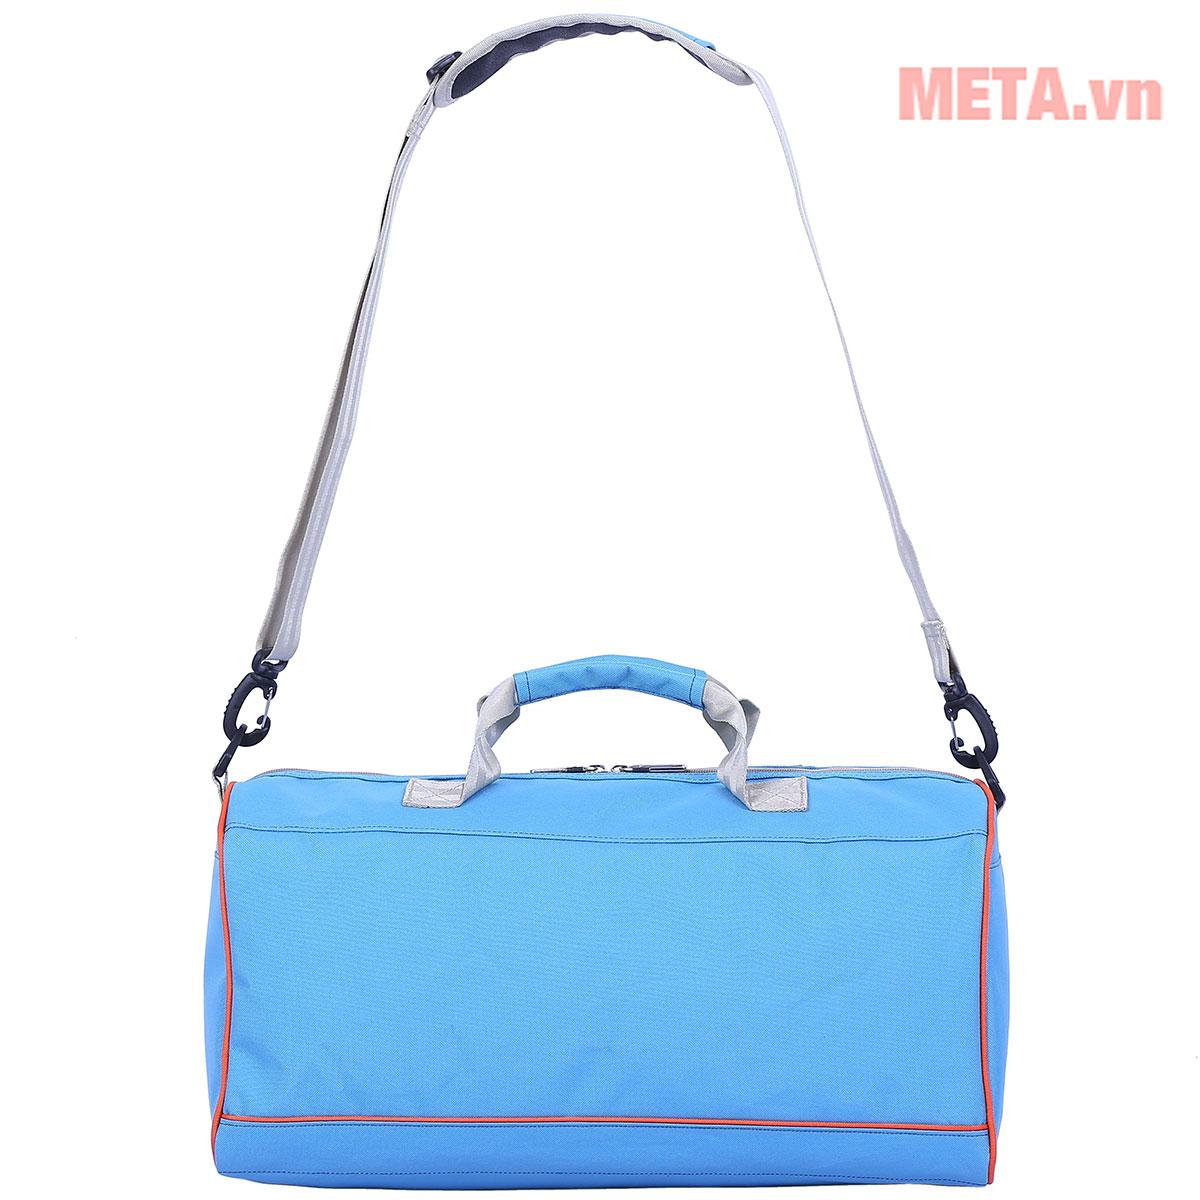 Túi có khả năng chịu tải trọng lên tới 22kg